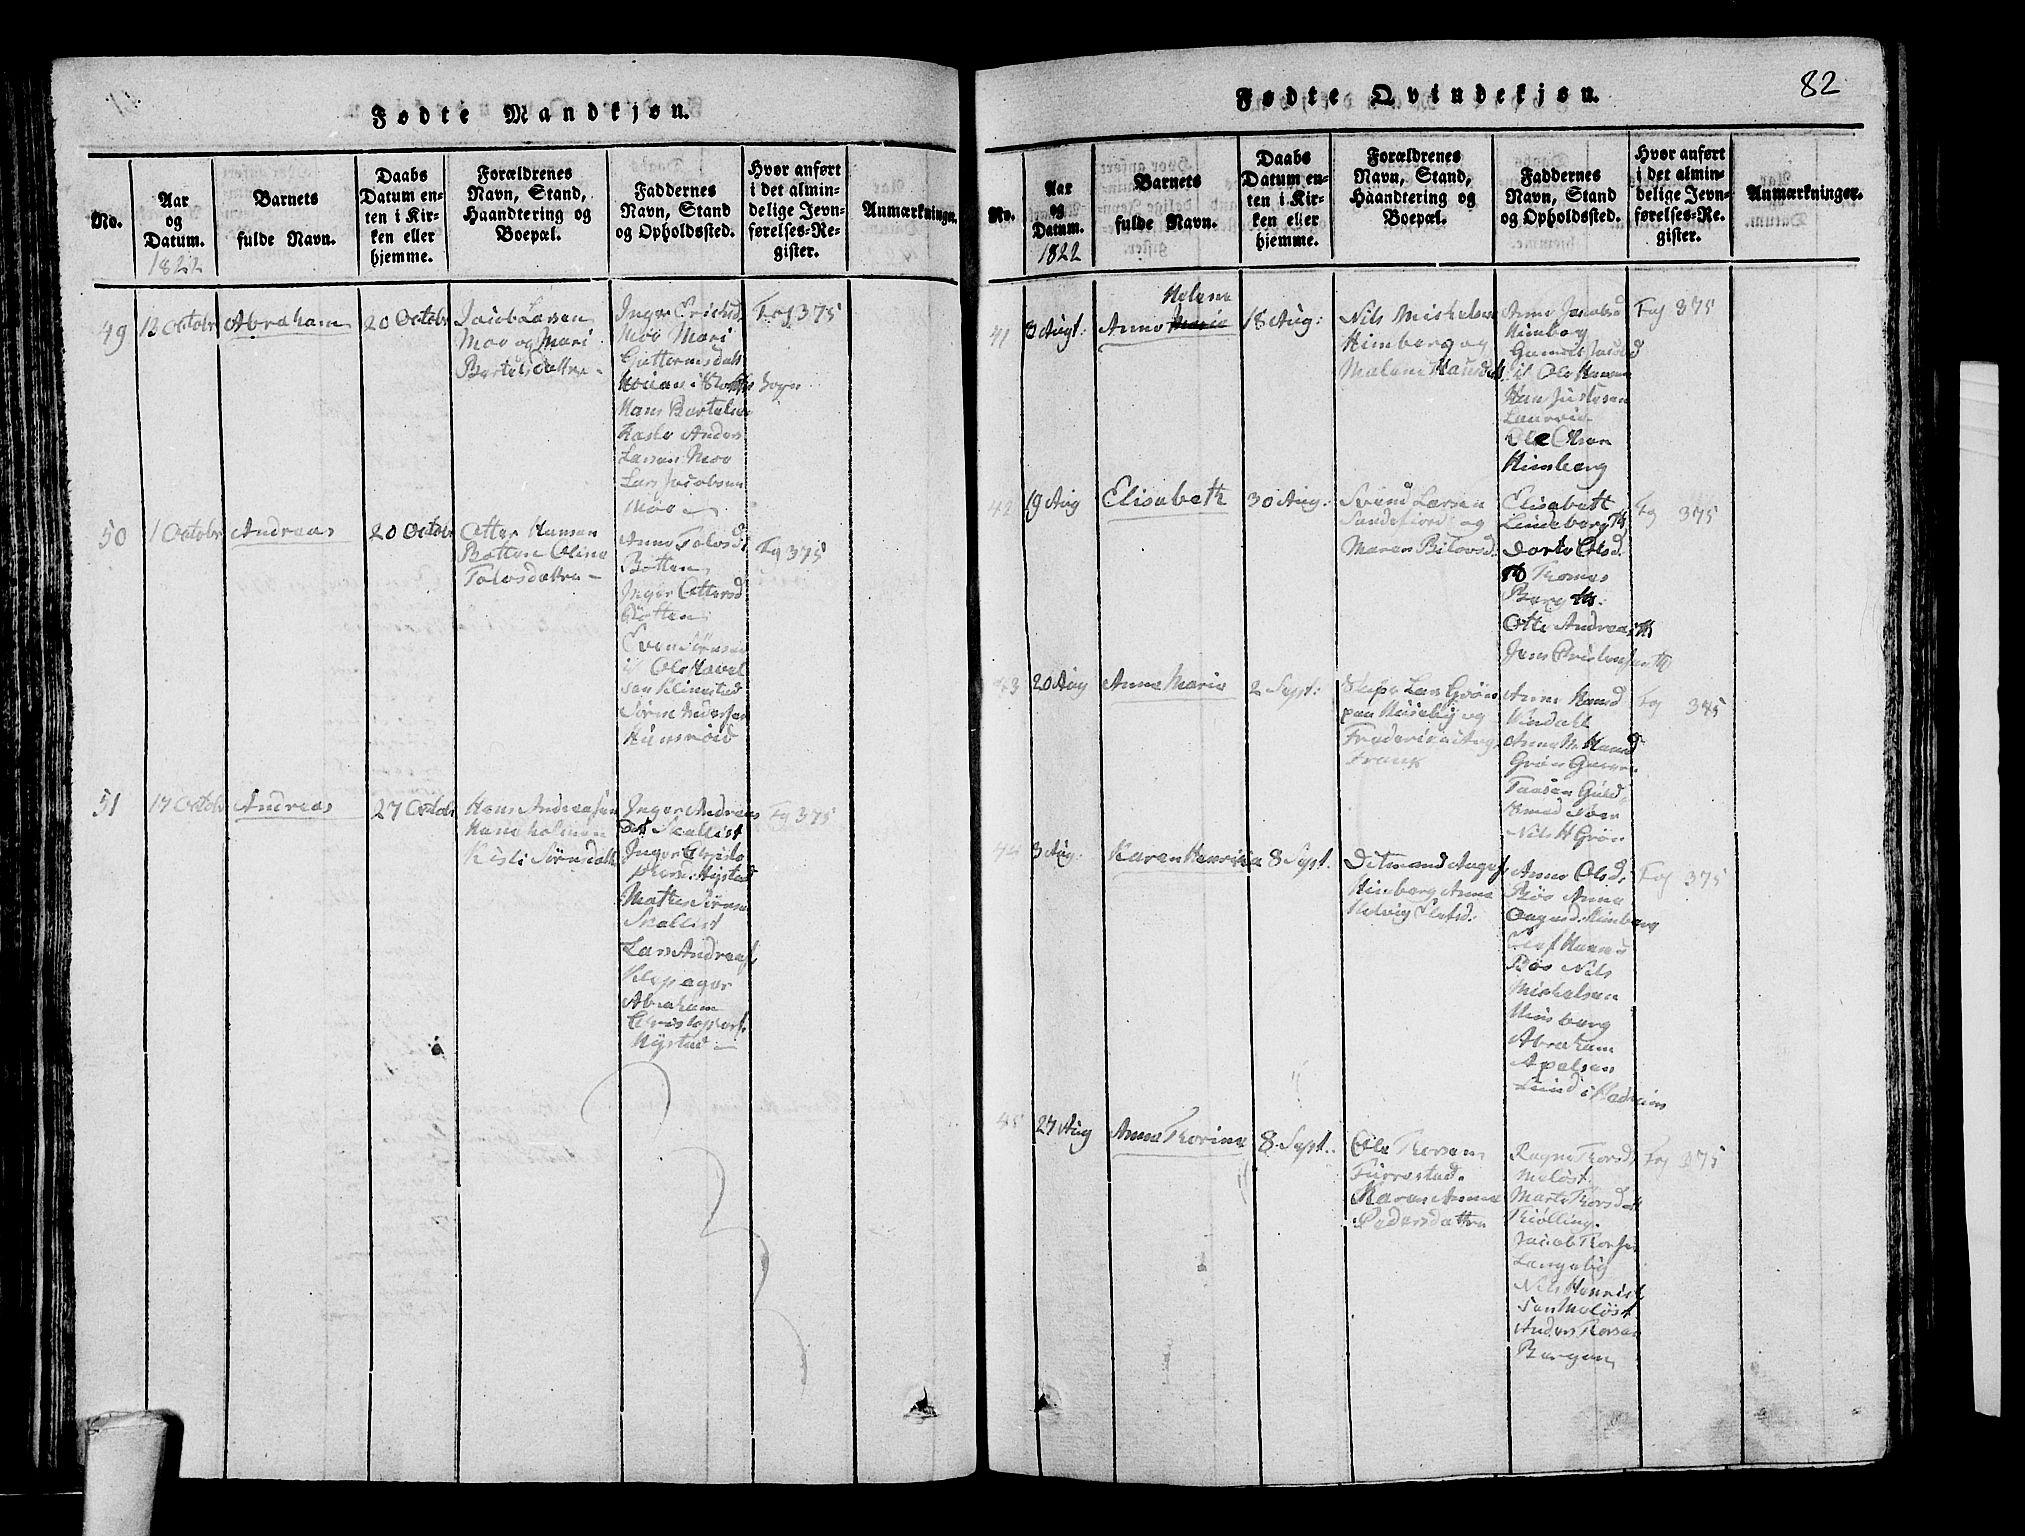 SAKO, Sandar kirkebøker, G/Ga/L0001: Klokkerbok nr. 1, 1814-1835, s. 82